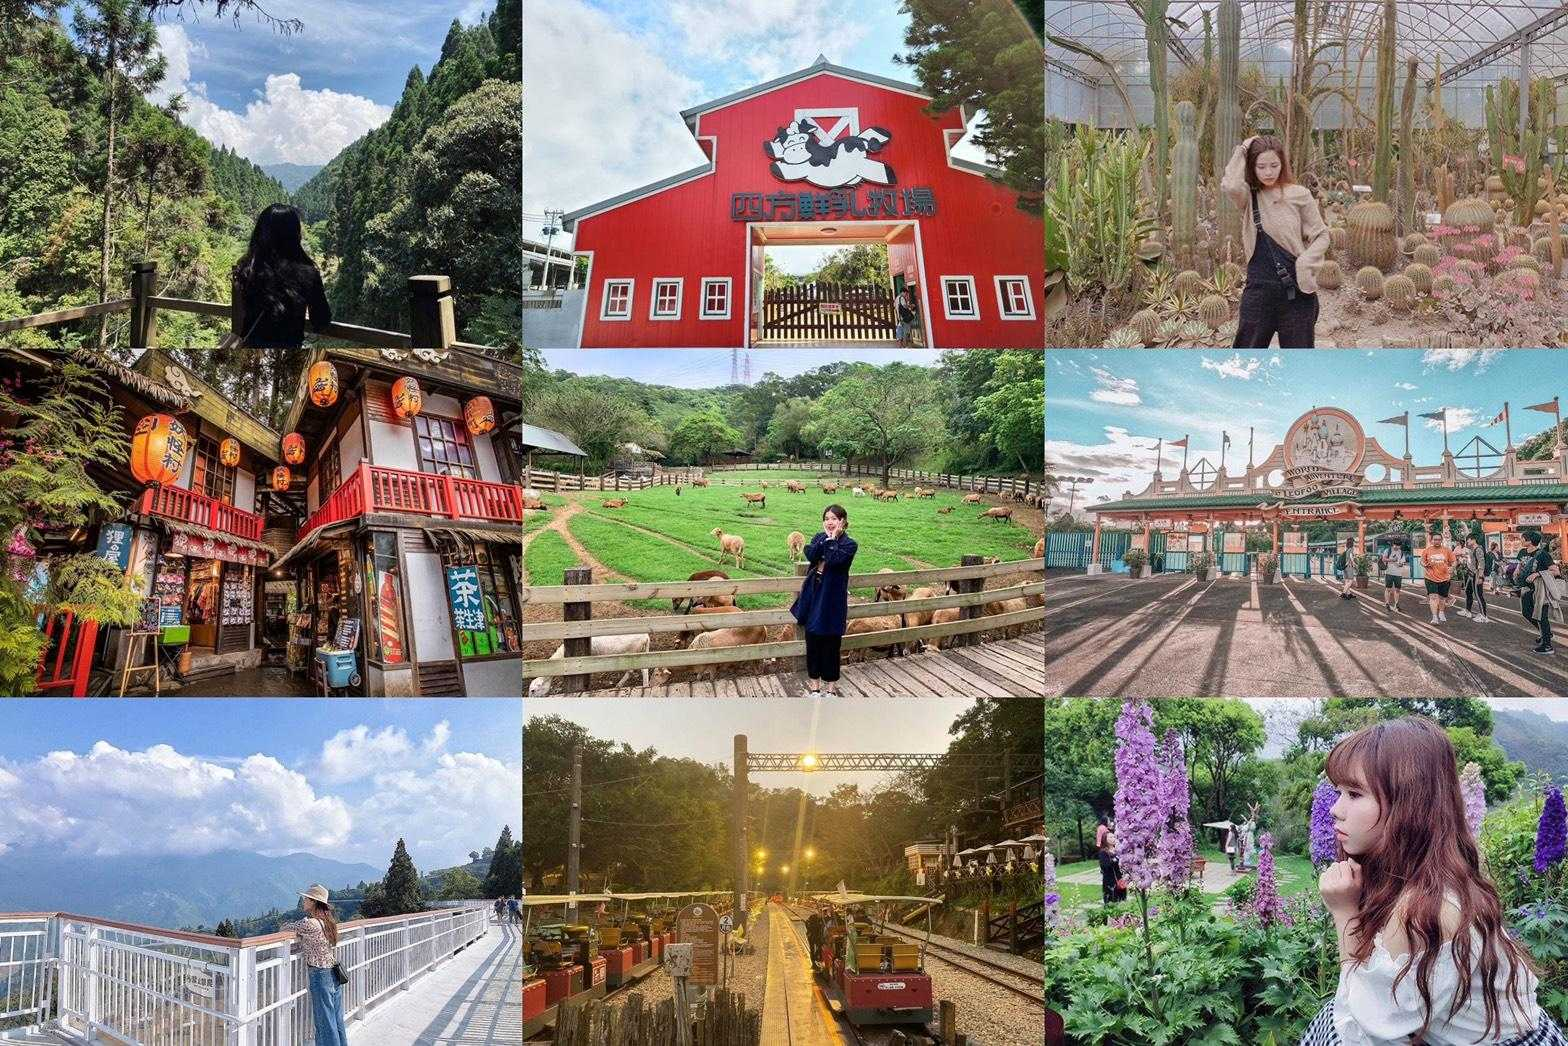 中部旅遊行程推薦|90天內玩遍南投、新竹、苗栗 33 個景點,精選 6 條中部旅遊路線!